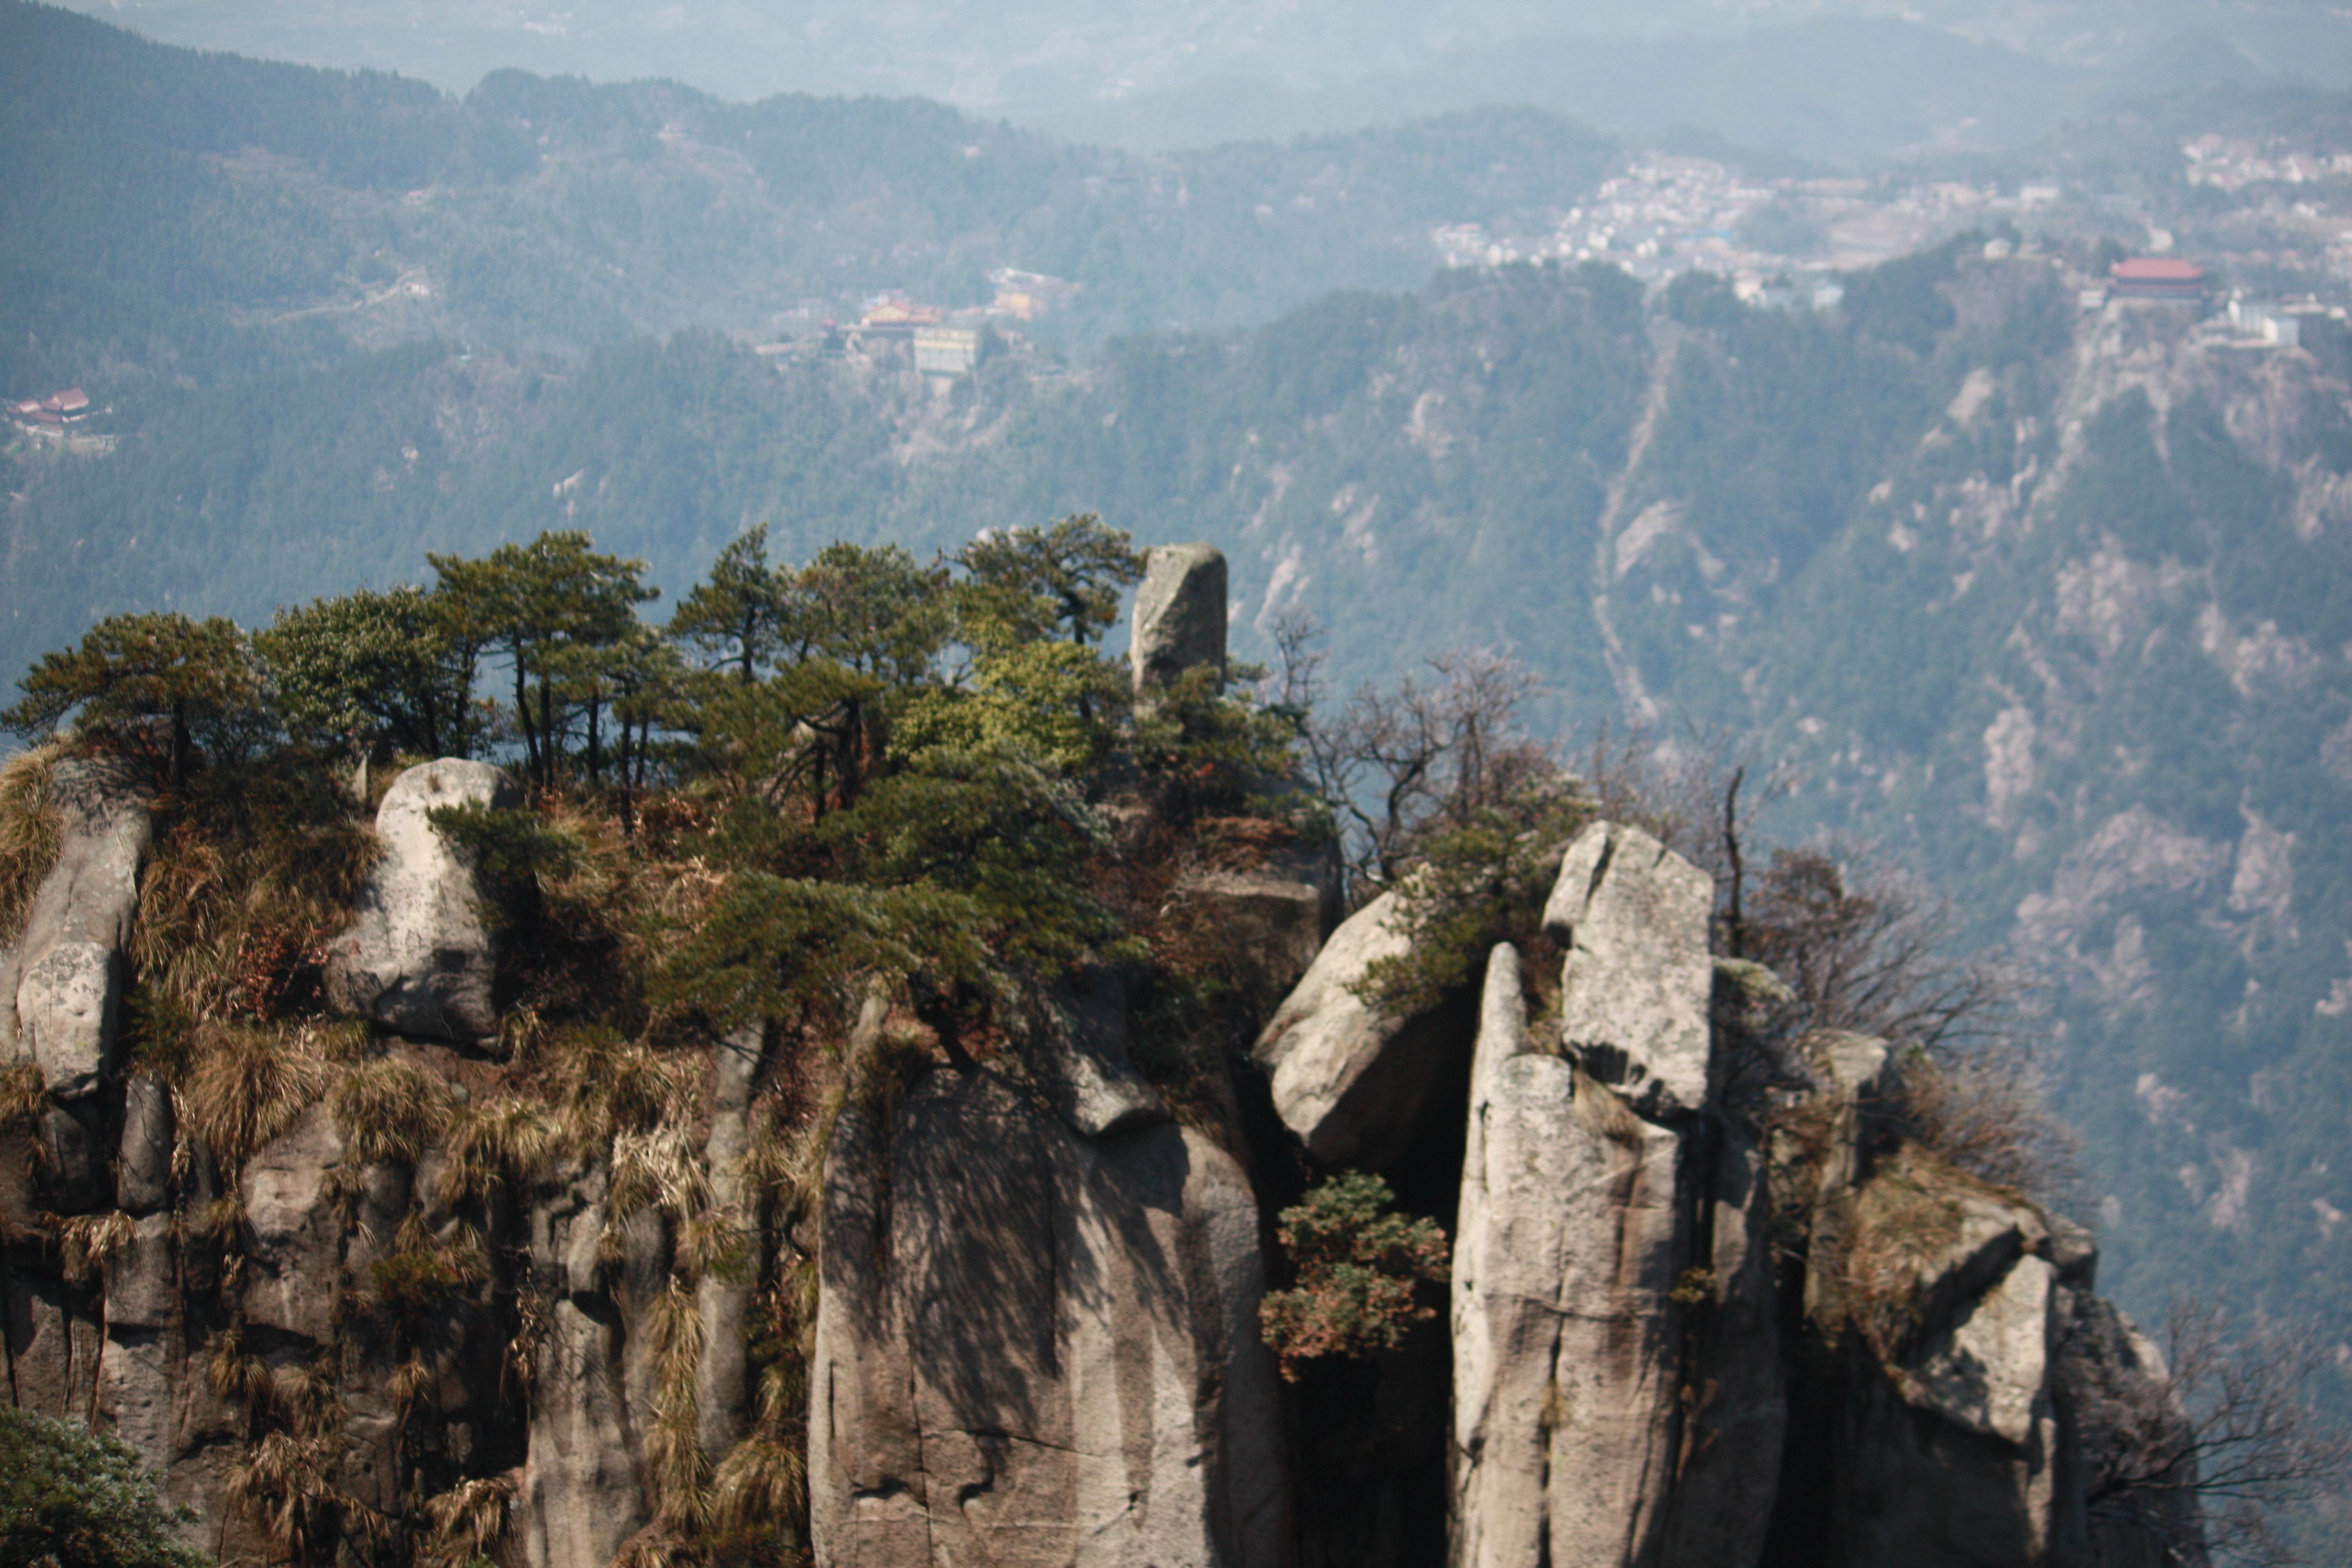 我们是清明节去九华山的,风景一级棒.